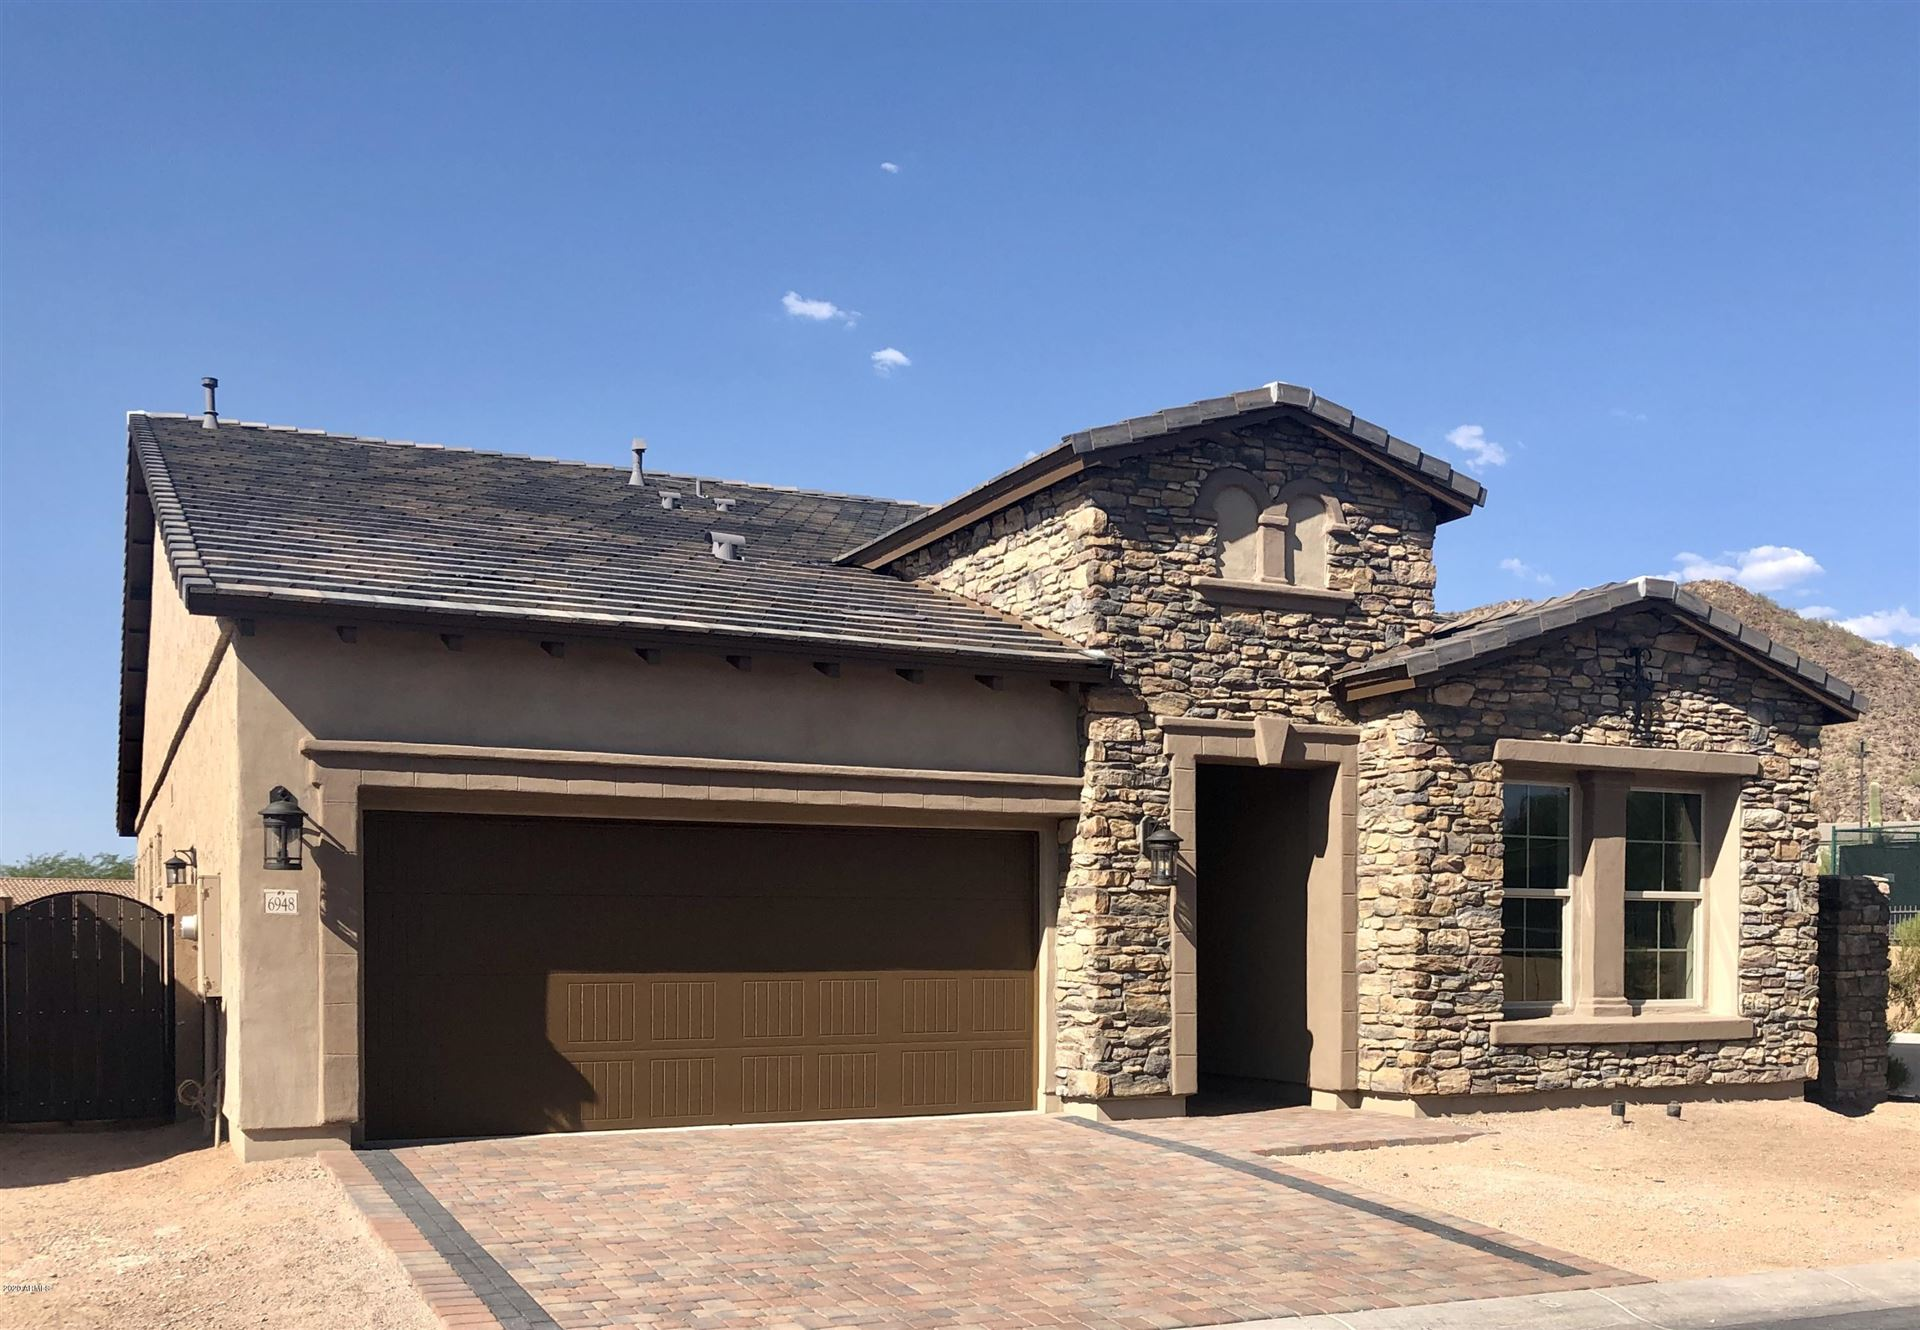 6948 E RUSSELL Street, Mesa, AZ 85207 - #: 6070569